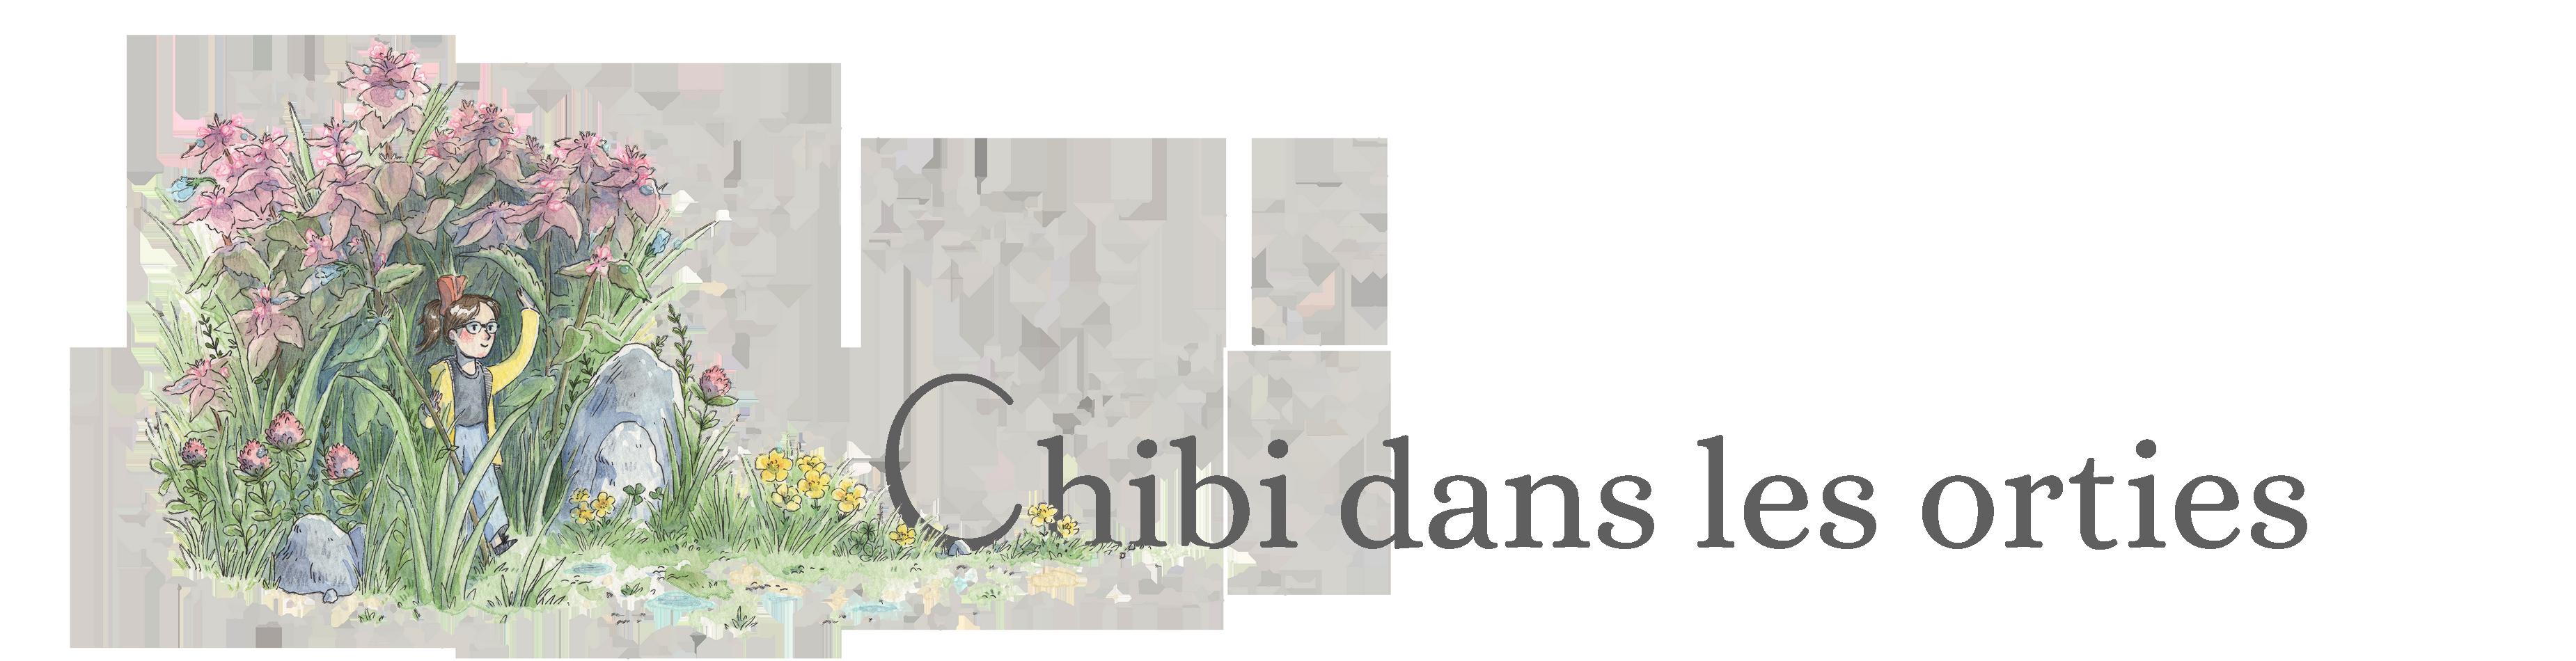 Chibi dans les orties